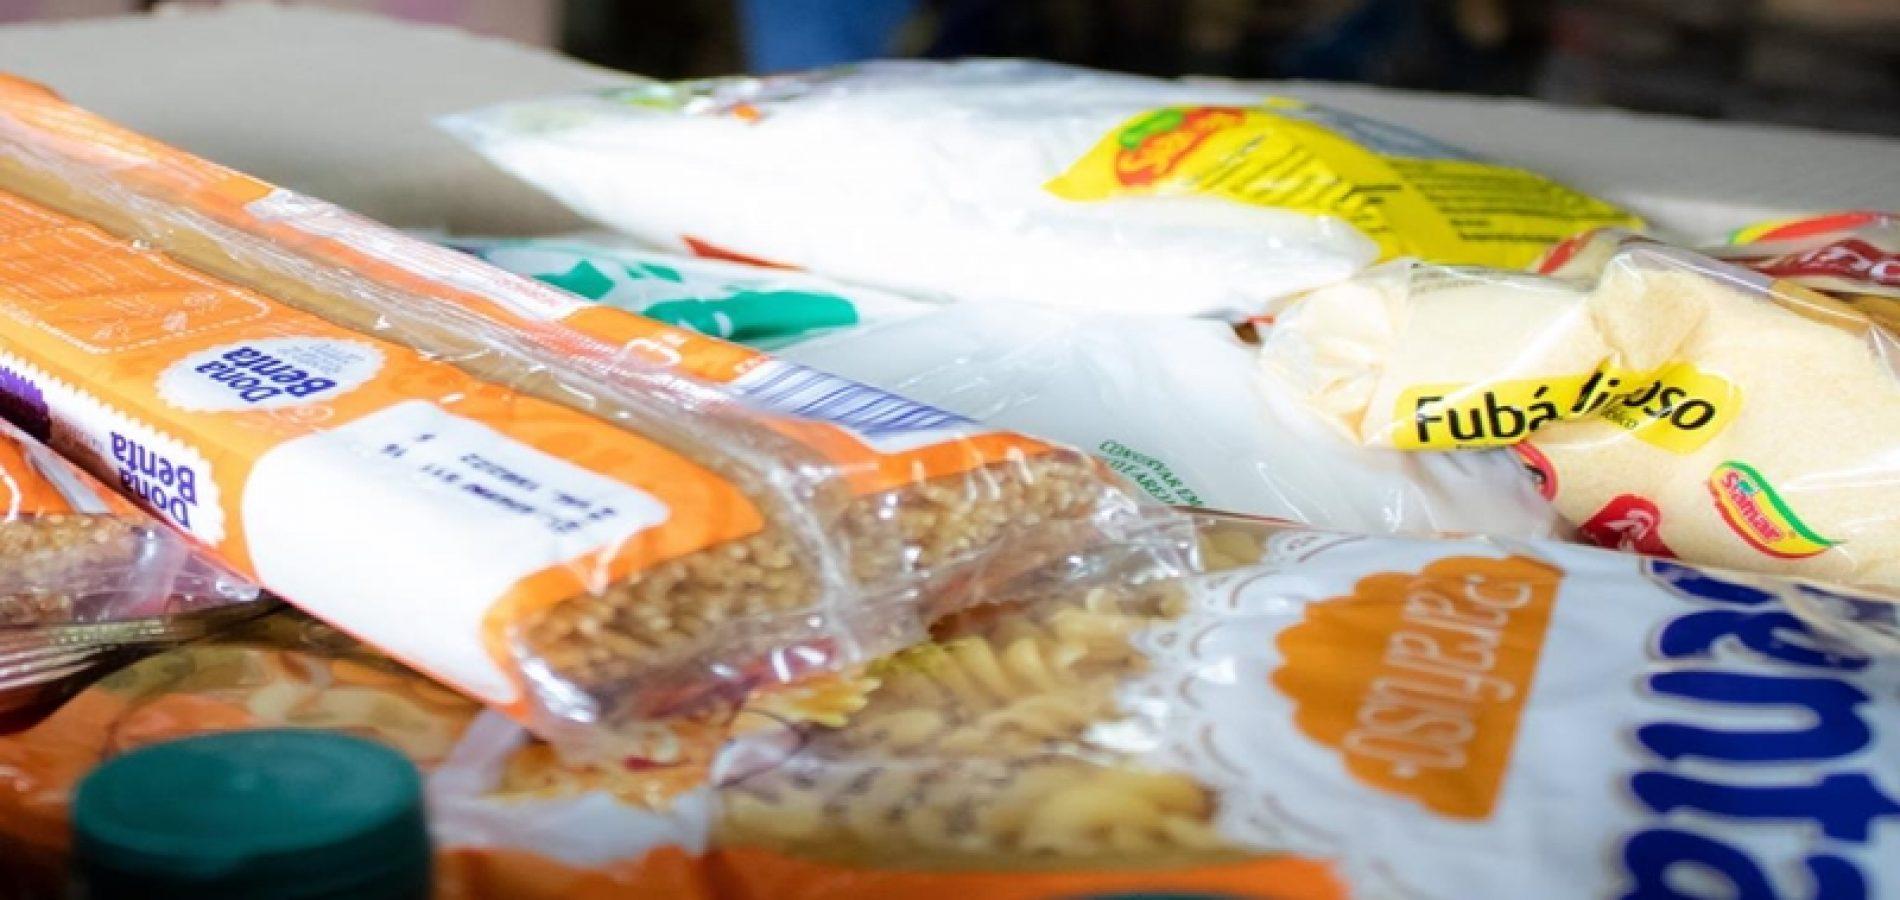 Prefeitura de Curral Novo do Piauí vai entregar kits de alimentação escolar para alunos da rede municipal